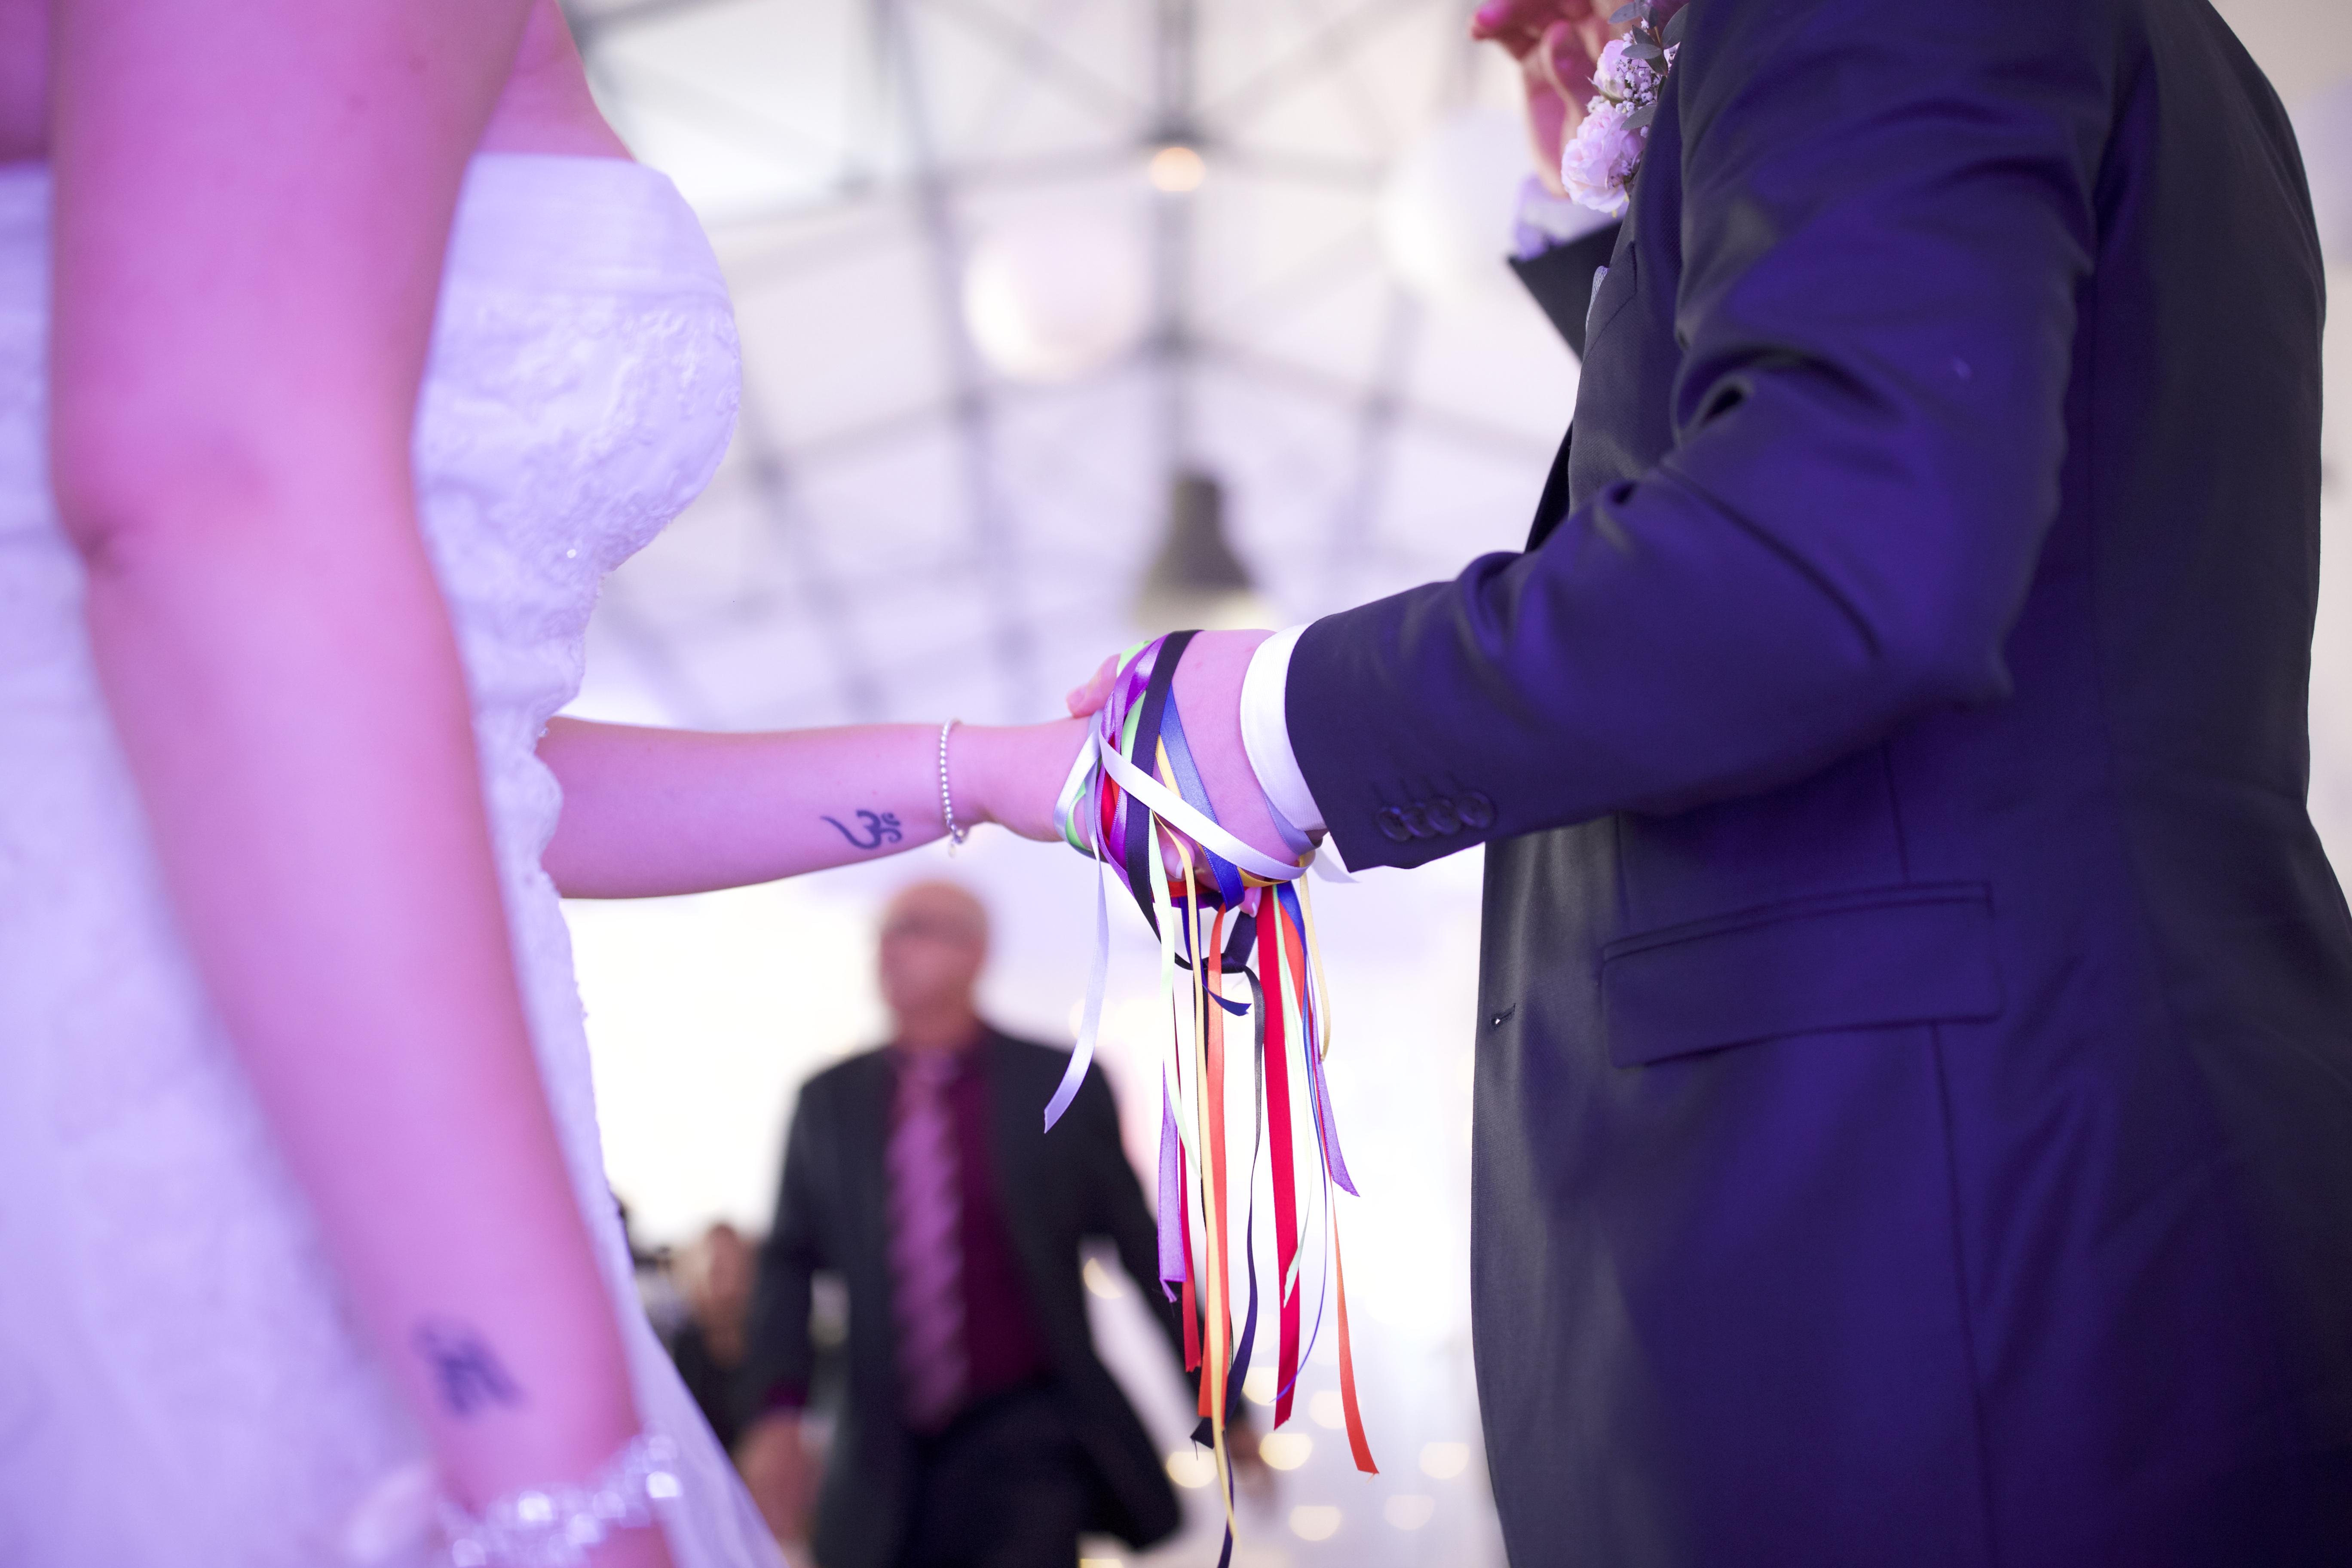 rituel-rubans-cérémonie laïque-marie lp-montpellier-wedding planner